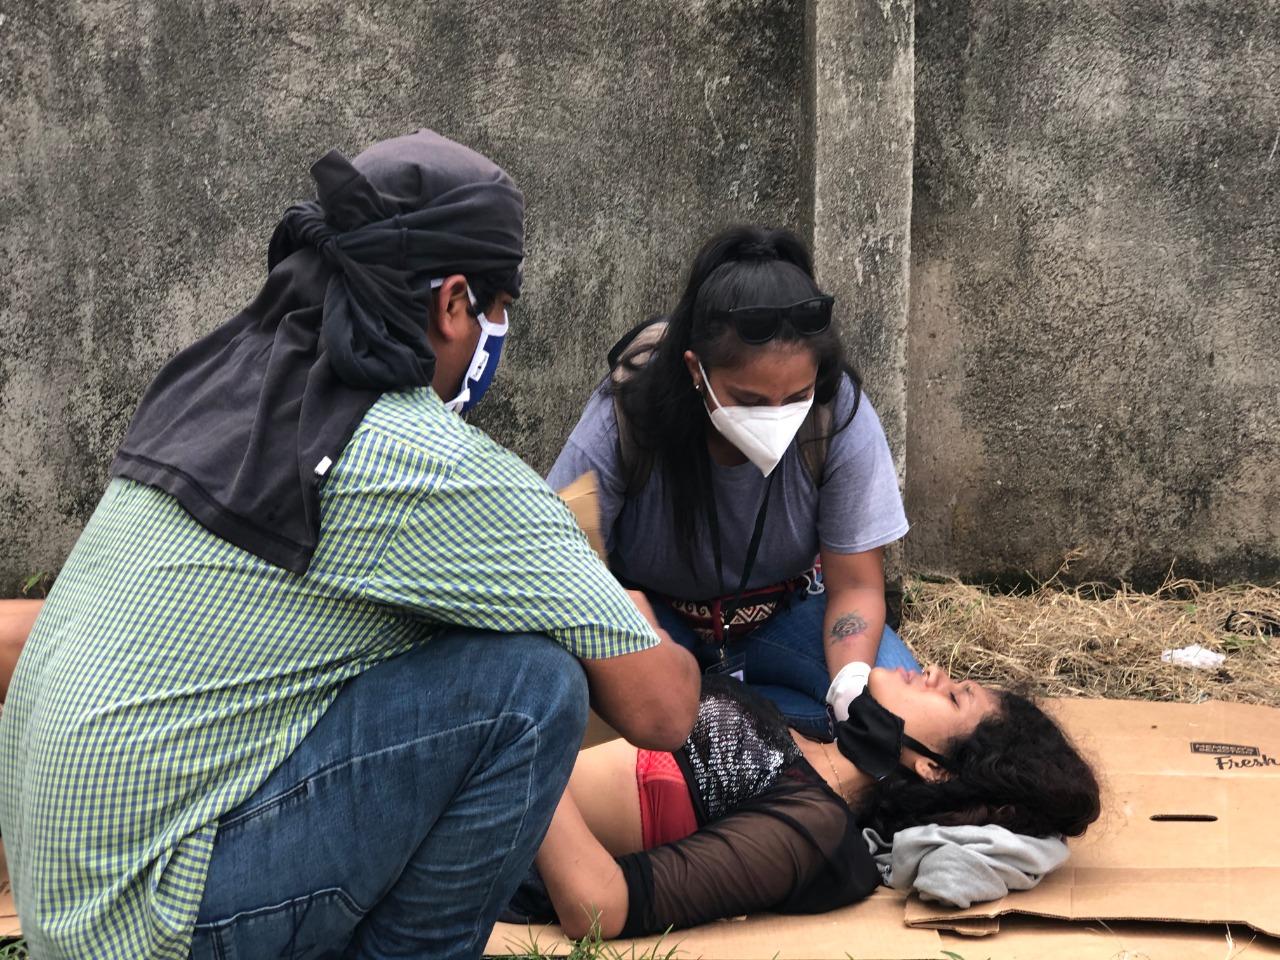 Los migrantes varados en Peñas Blancas están expuestos al sol inclemente y la lluvia. En la gráfica, una mujer es atendida tras un problema a su salud. Foto: Nicaragua Actual.